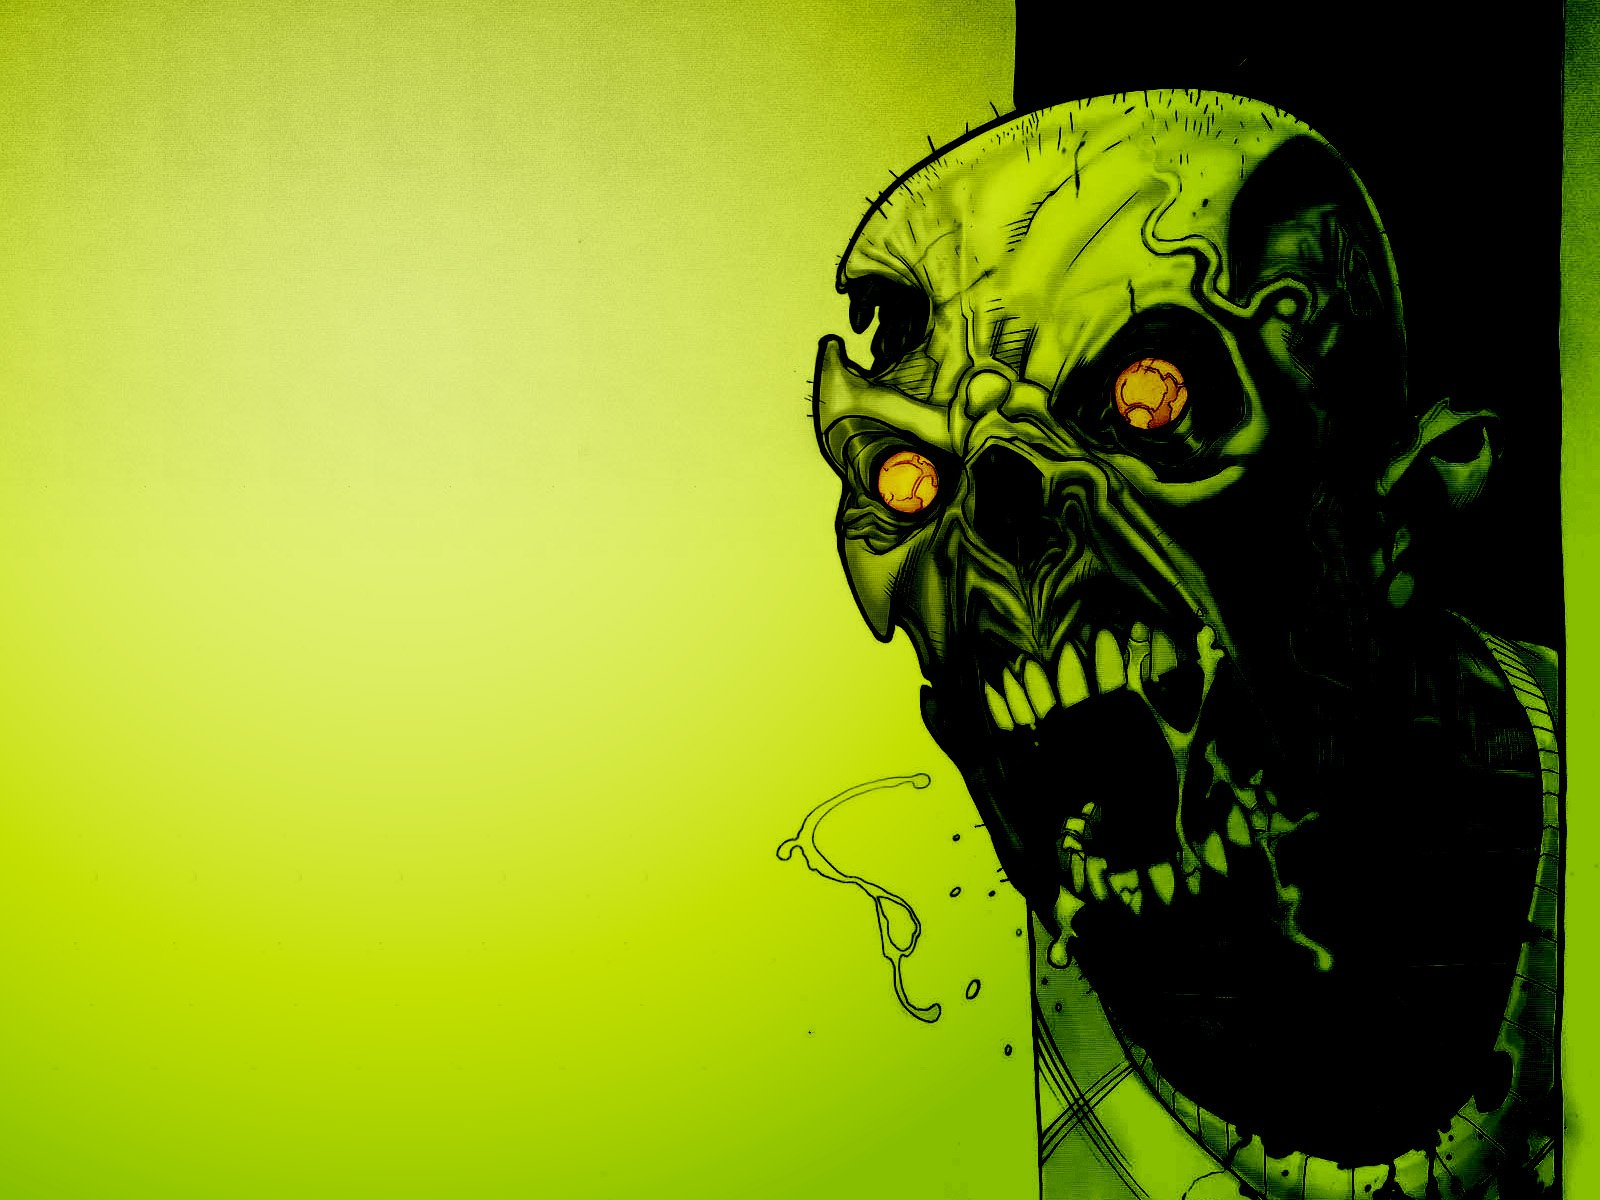 Skull Wallpaper HD Picutures Freetopwallpapercom 1600x1200